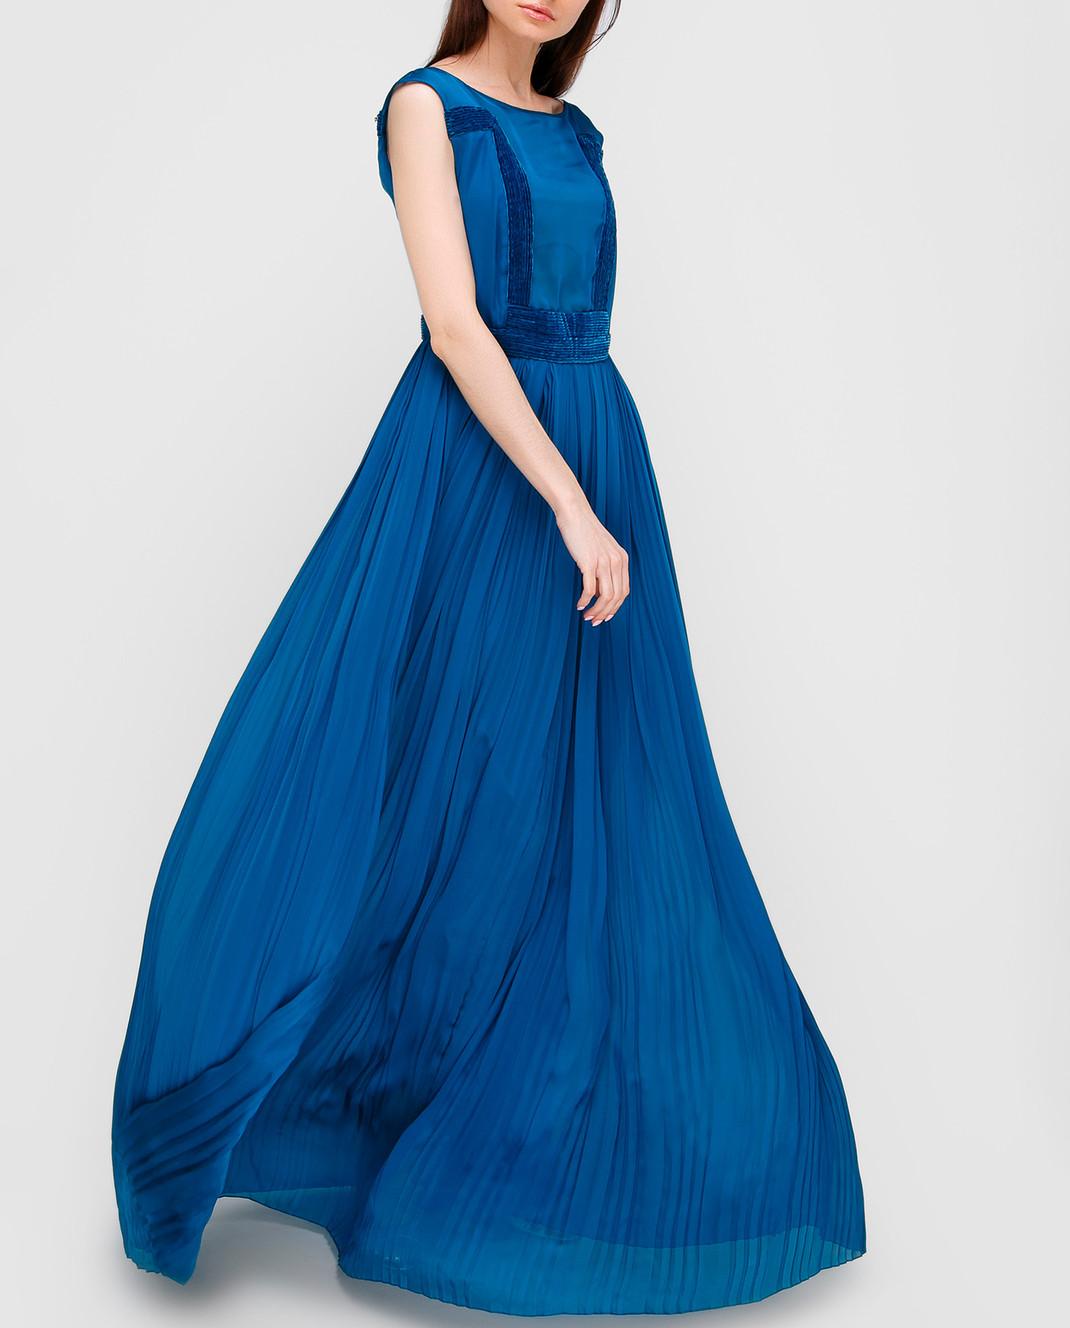 LARUSMIANI Синее платье из шелка 077581 изображение 2